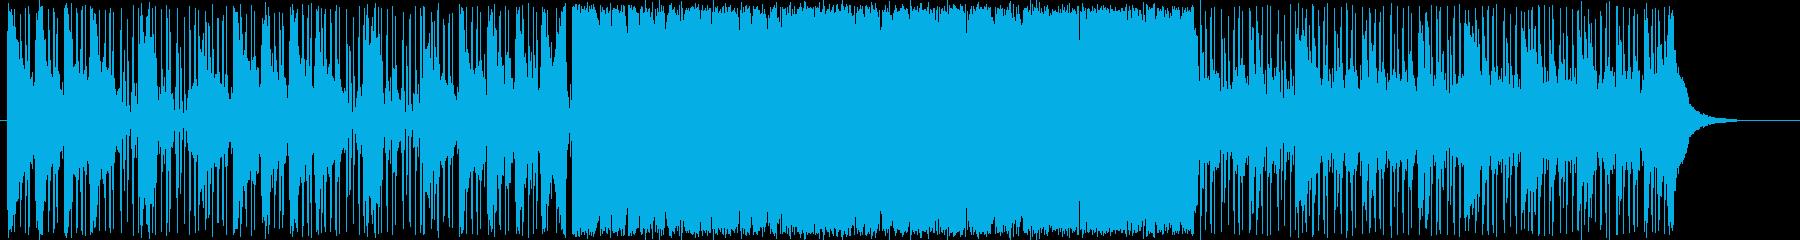 アジアン風ドラムンベースの再生済みの波形